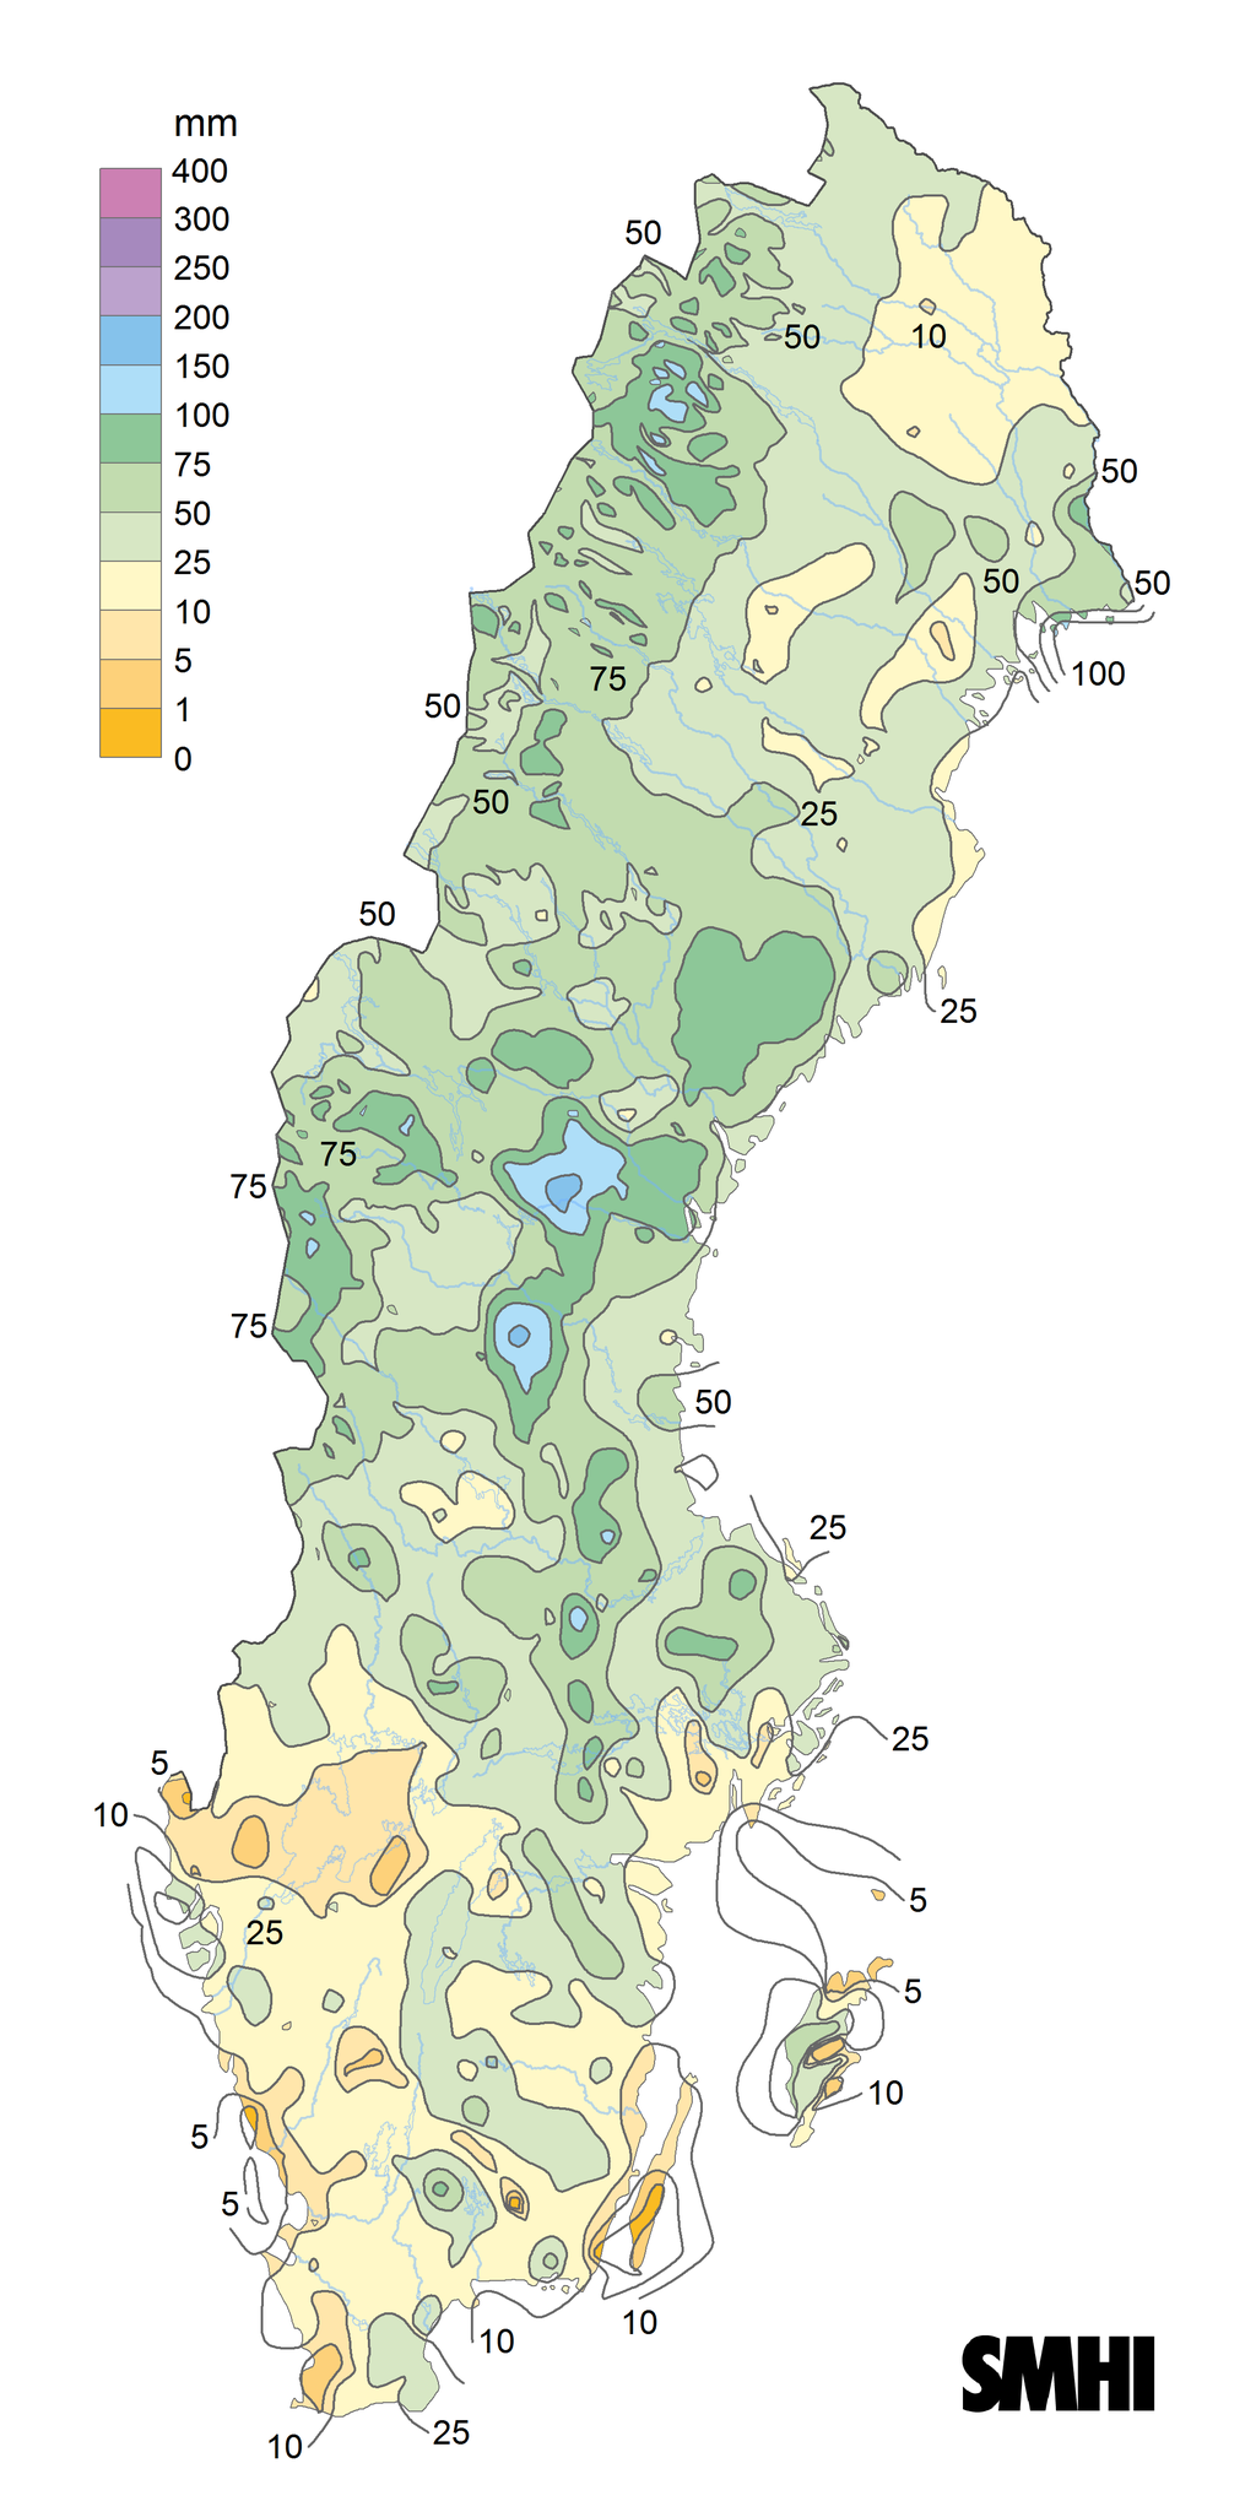 Karta Over Skogsbrander I Sverige.Juli 2018 Langvarig Hetta Och Svara Skogsbrander Smhi